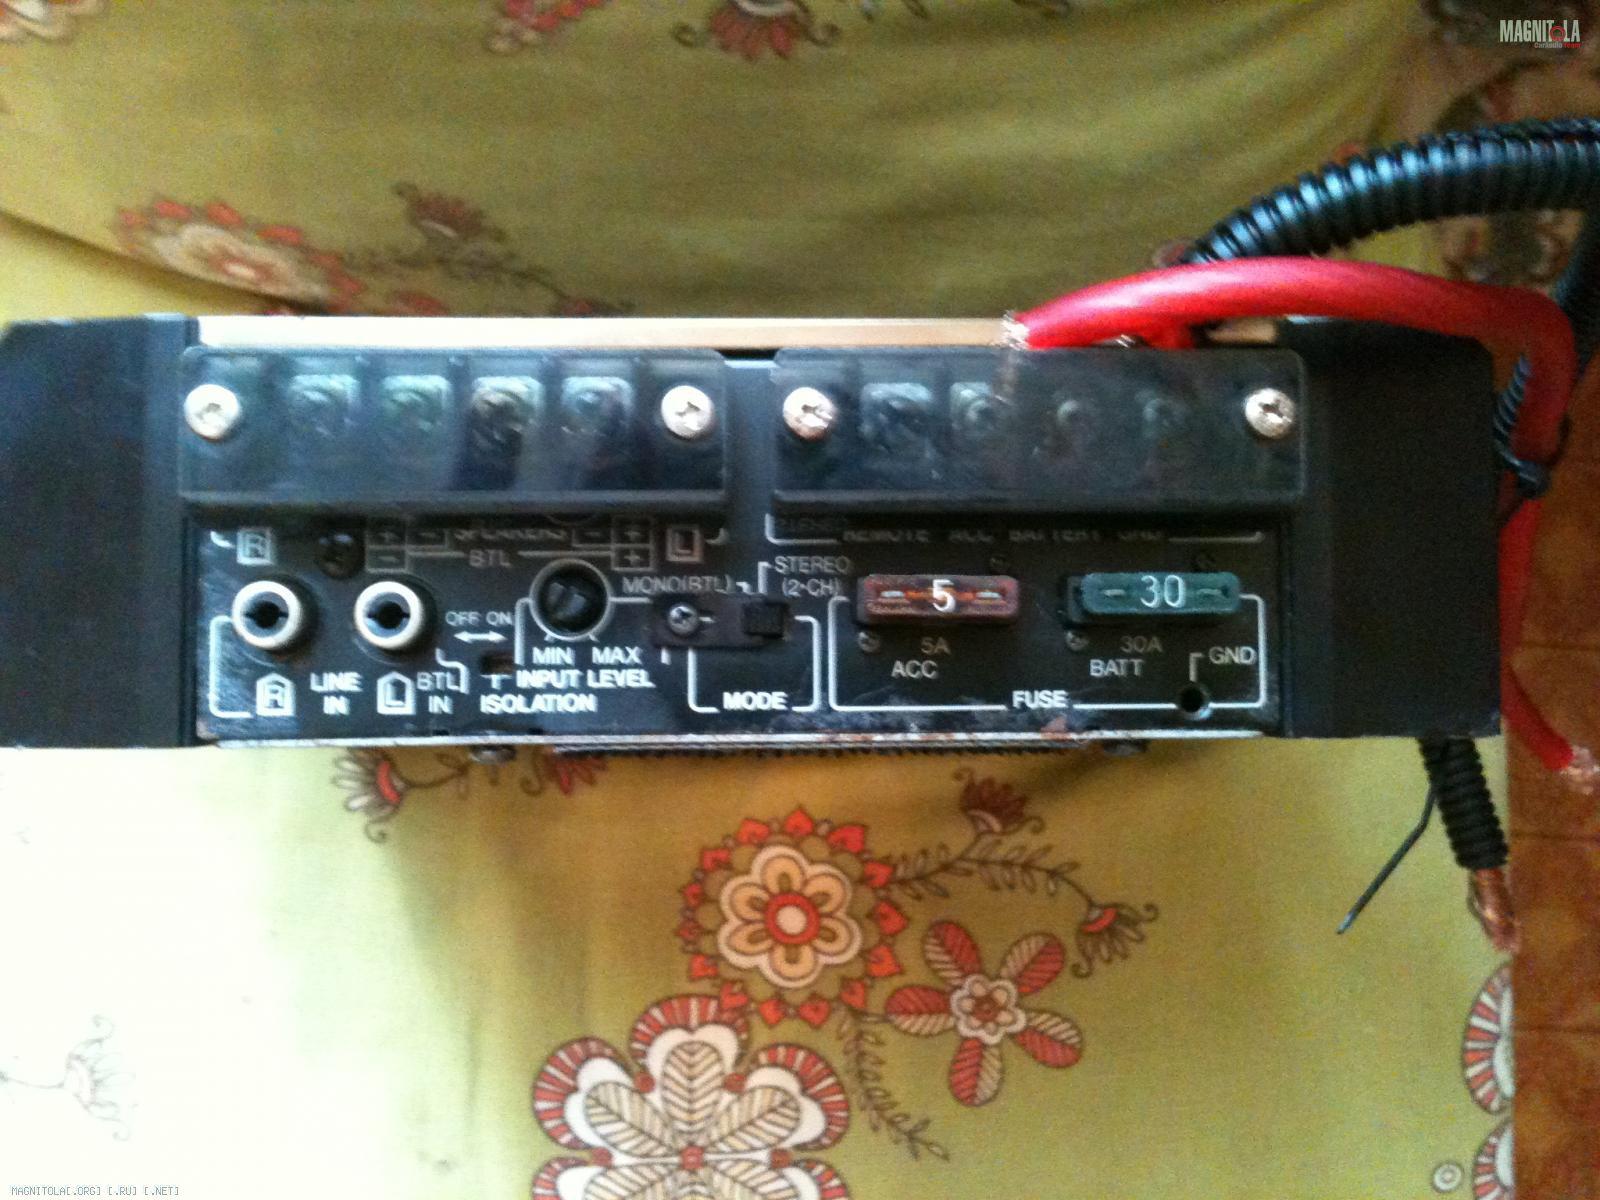 KИT PA-500 S Первый усилитель фирмы Нева Аудио 1991г.